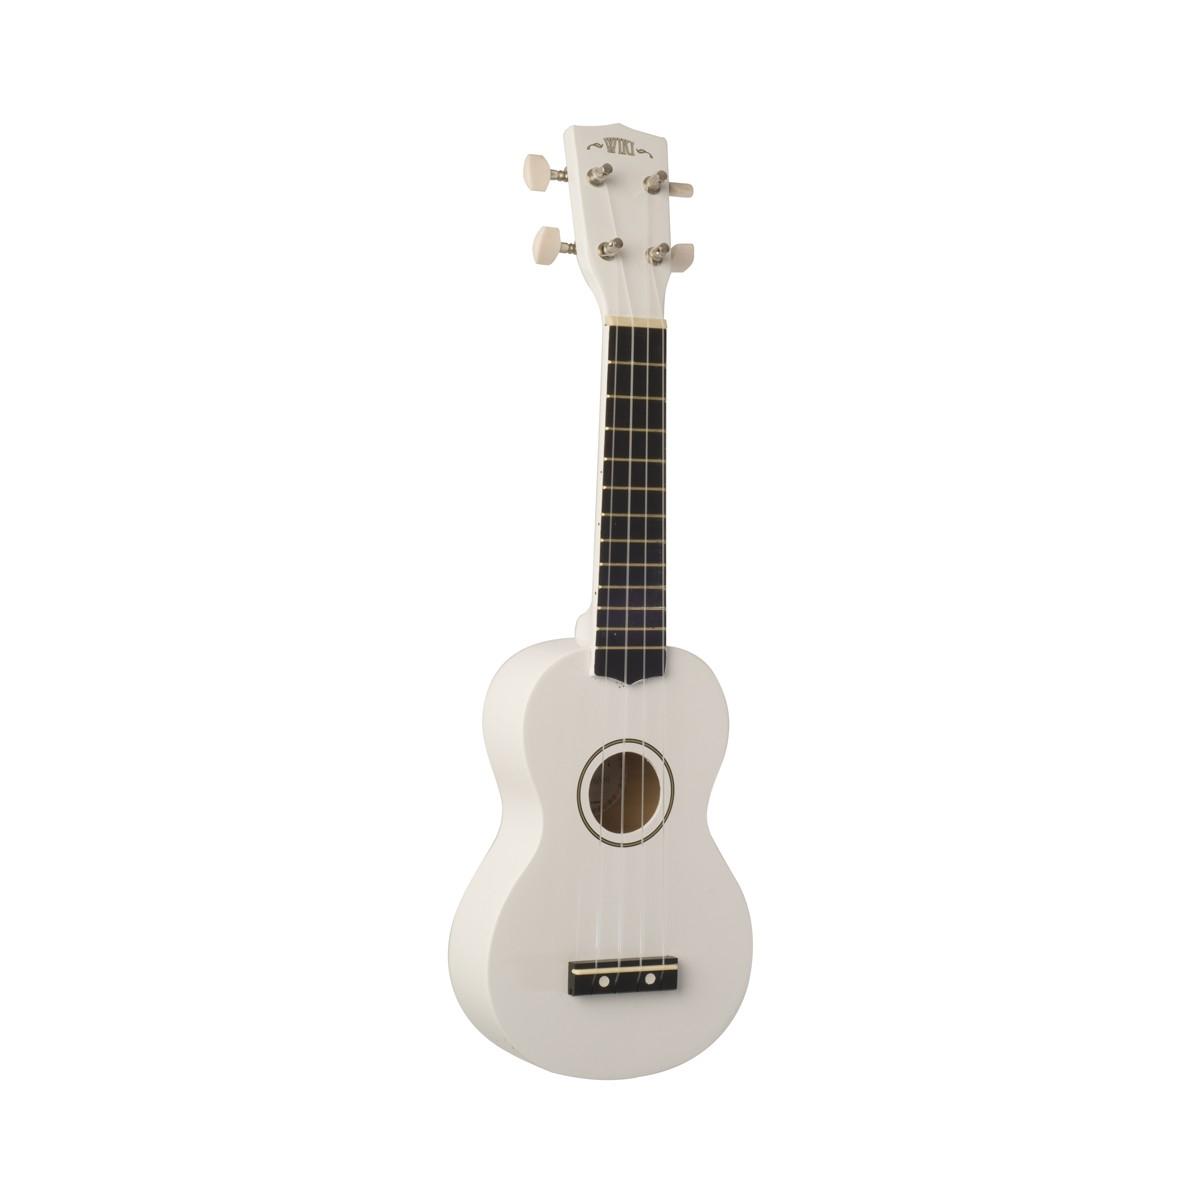 Wht ukulele gloss